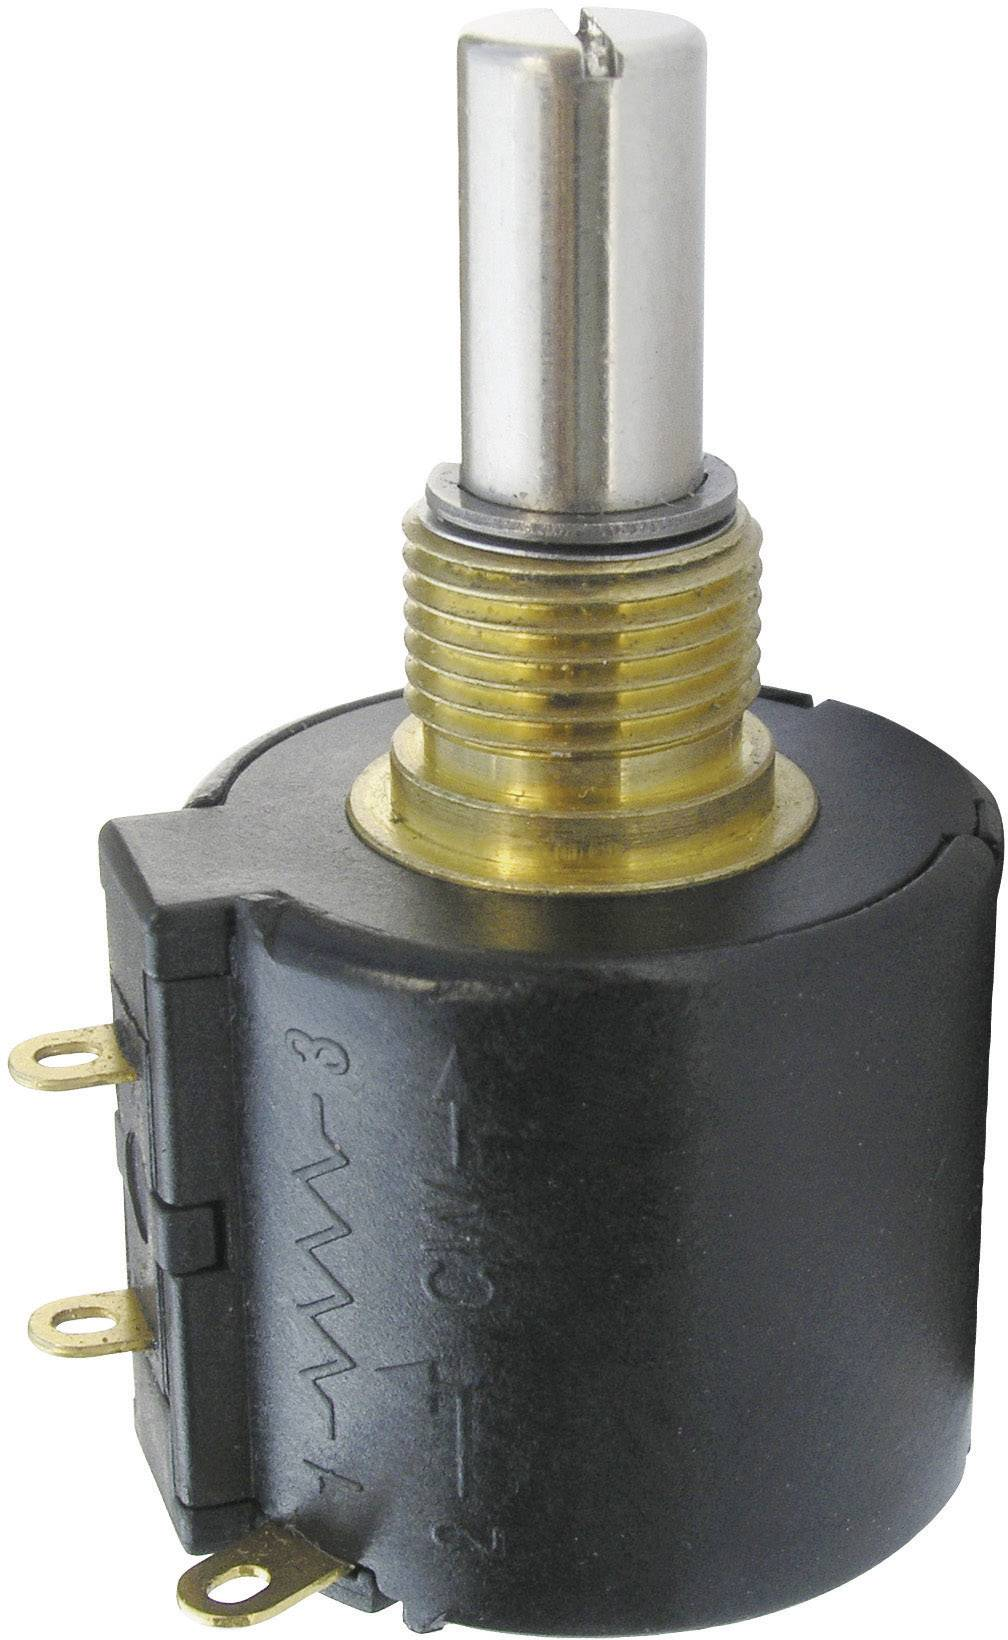 Presný potenciometer Hybritron, 10-cestný mono Bourns 3549H-1AA-502A 3549H-1AA-502A, 2 W, 5 kOhm, 1 ks